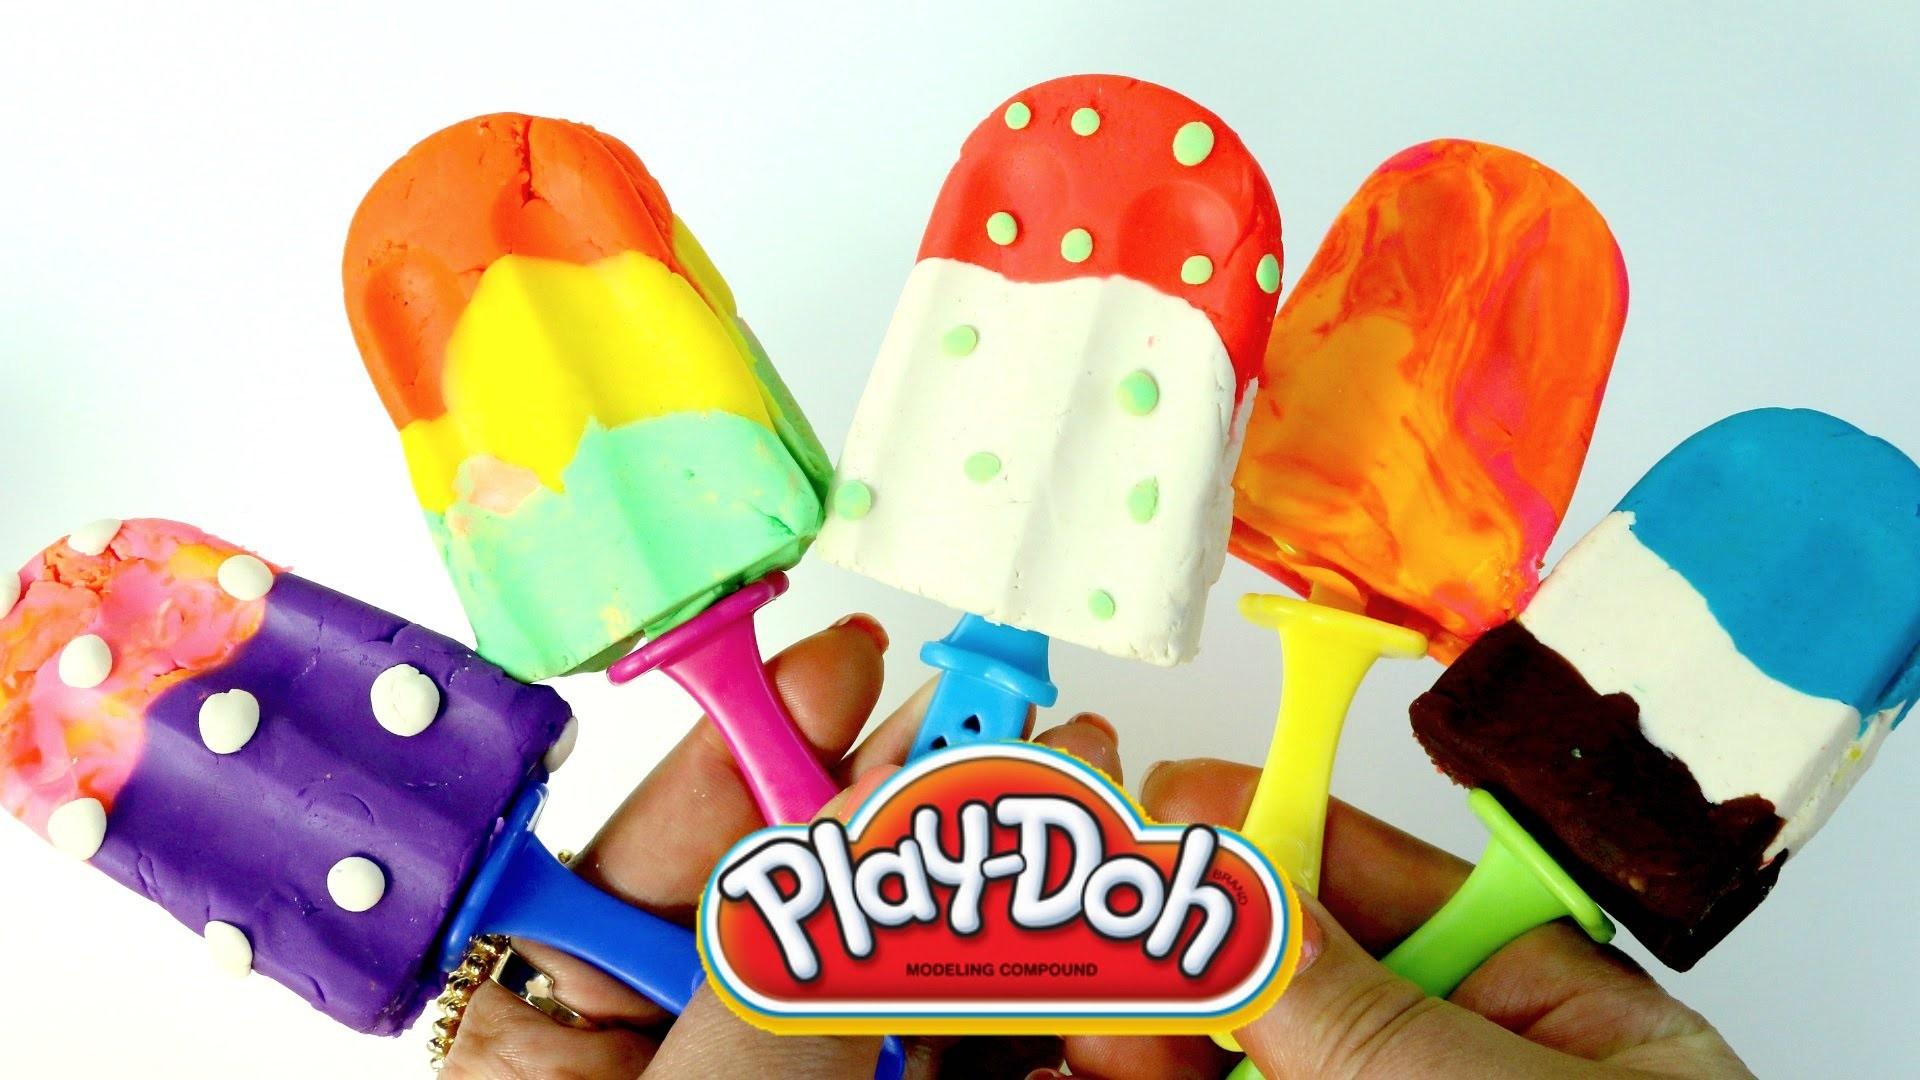 Paletas de Plastilina| Play Doh Colorful Popsicles Play Doh en Español